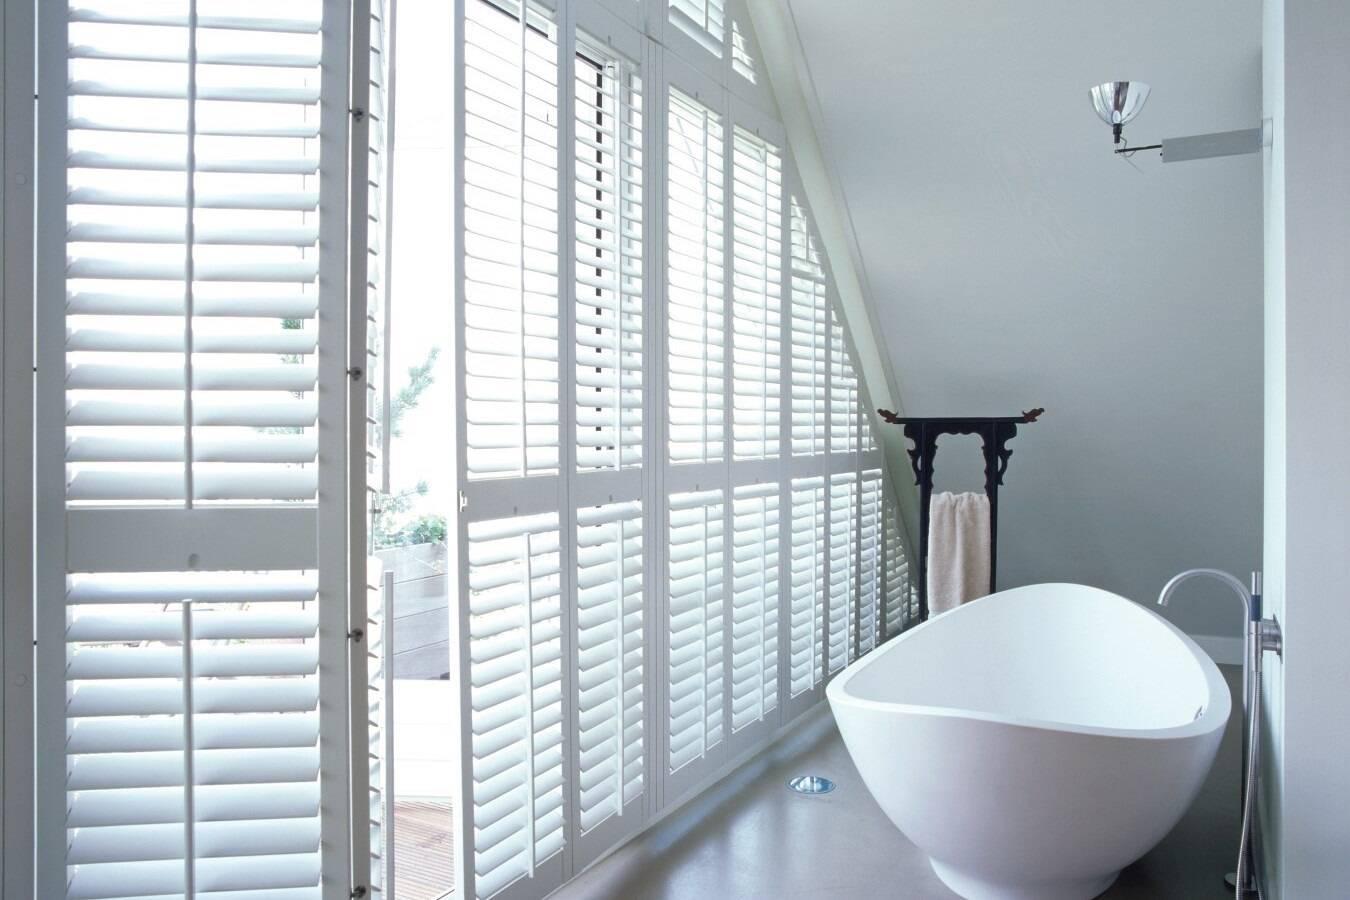 Phòng tắm với cửa chớp thay vách ngăn tường mang đến cảm giác đầy thư thái